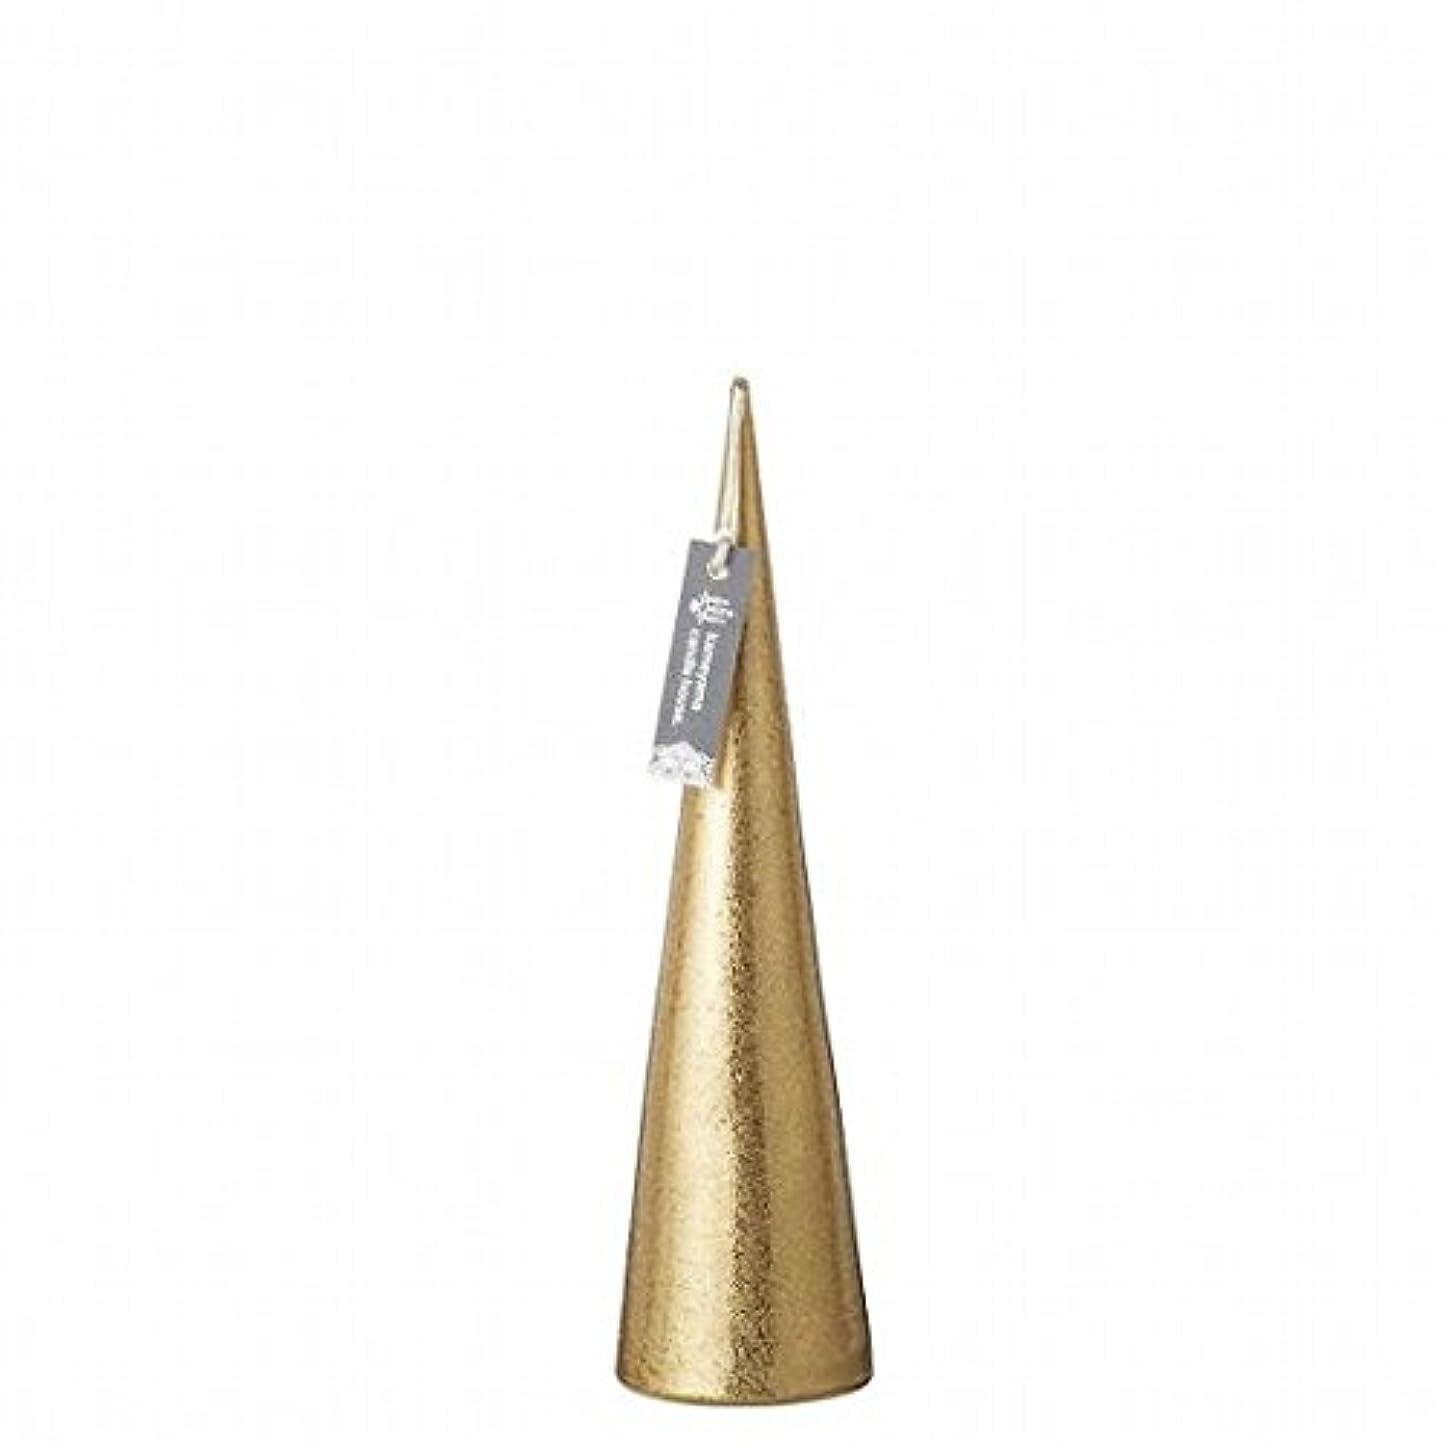 年齢ハーブリゾートkameyama candle(カメヤマキャンドル) メタリックコーンM「 ゴールド 」(A9560110GO)